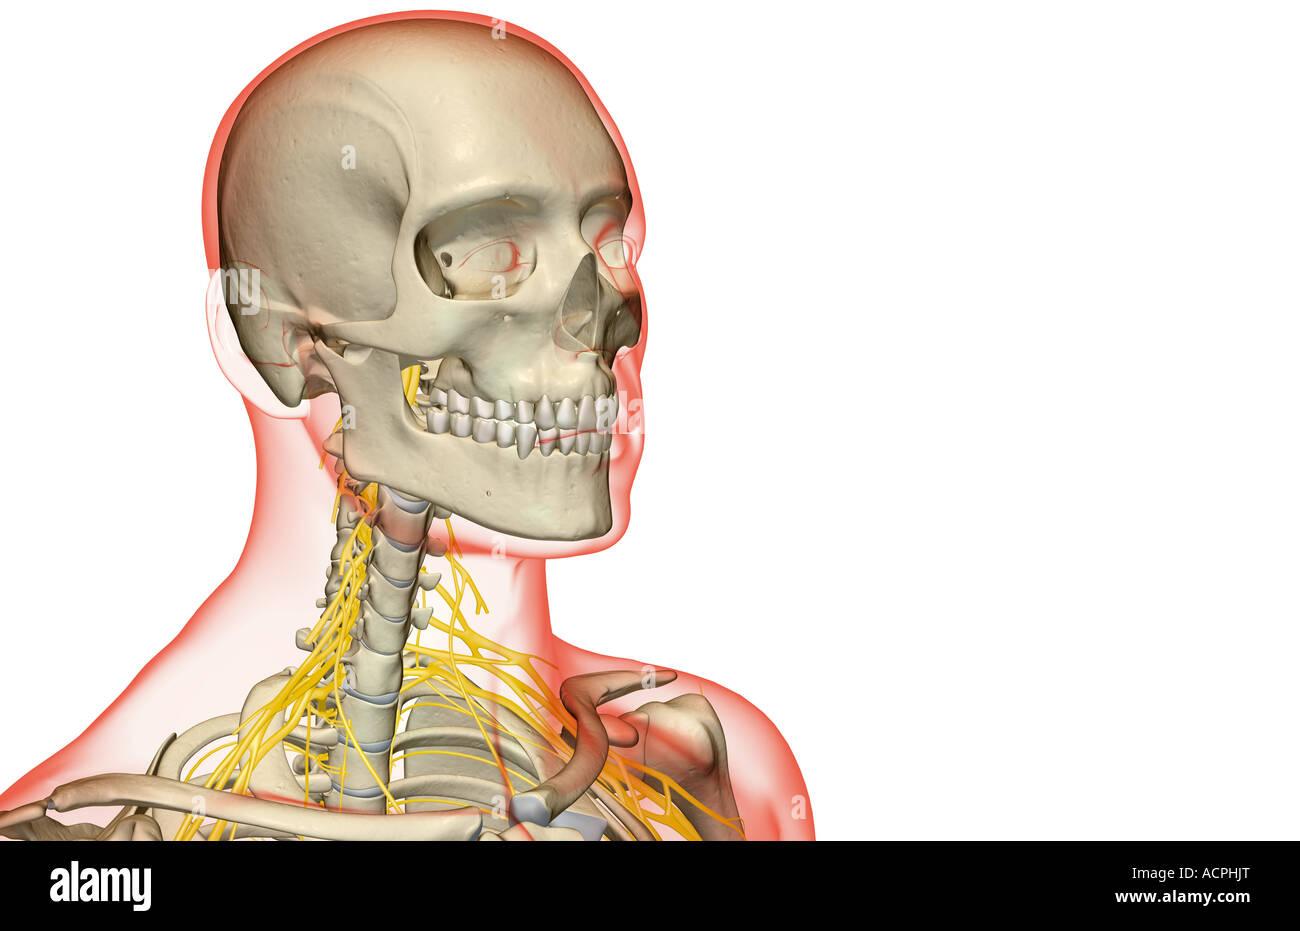 Schön Anatomie Des Halses Dreiecke Galerie - Menschliche Anatomie ...